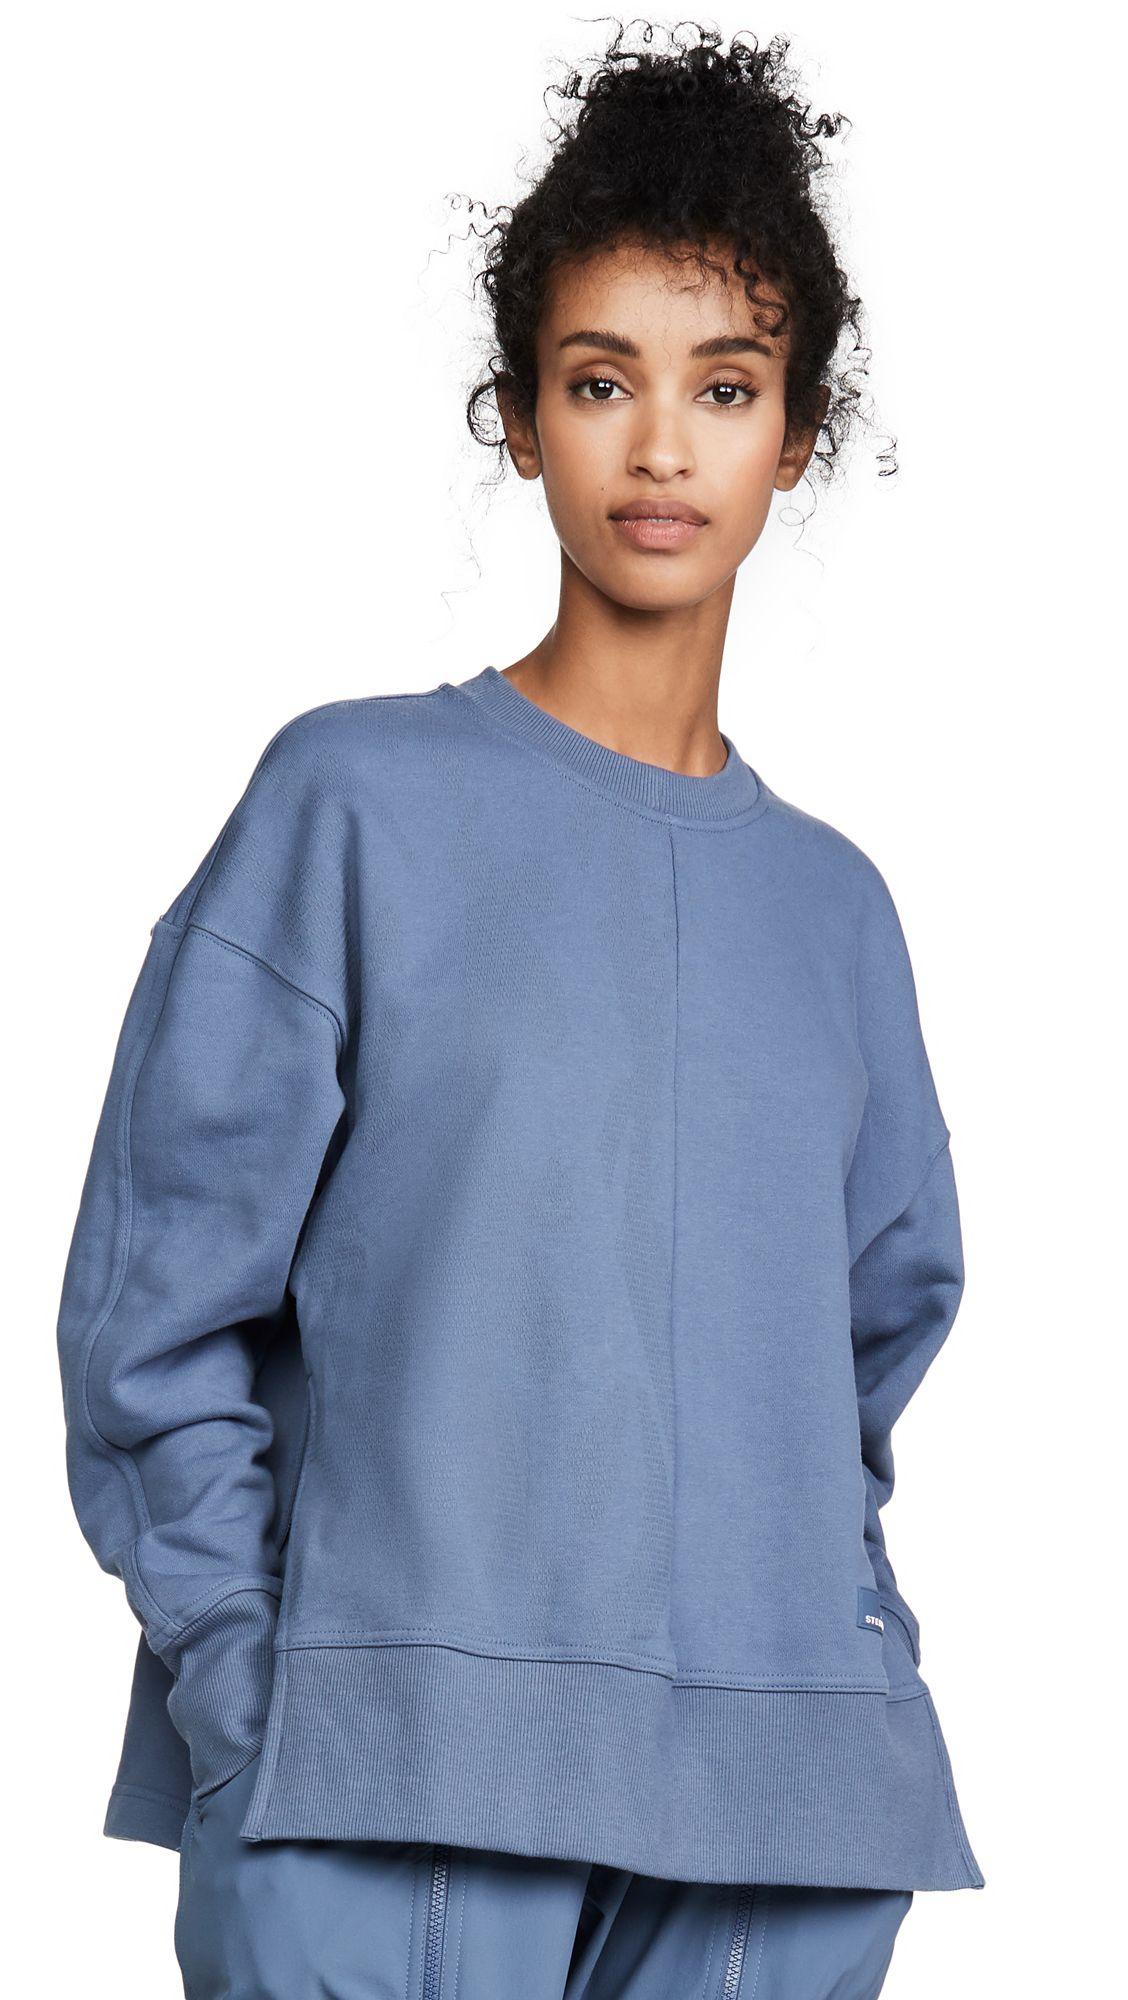 Adidas By Stella Mccartney Yoga Sweatshirt Yoga Sweatshirt Stella Mccartney Adidas Sweatshirts [ 1130 x 880 Pixel ]